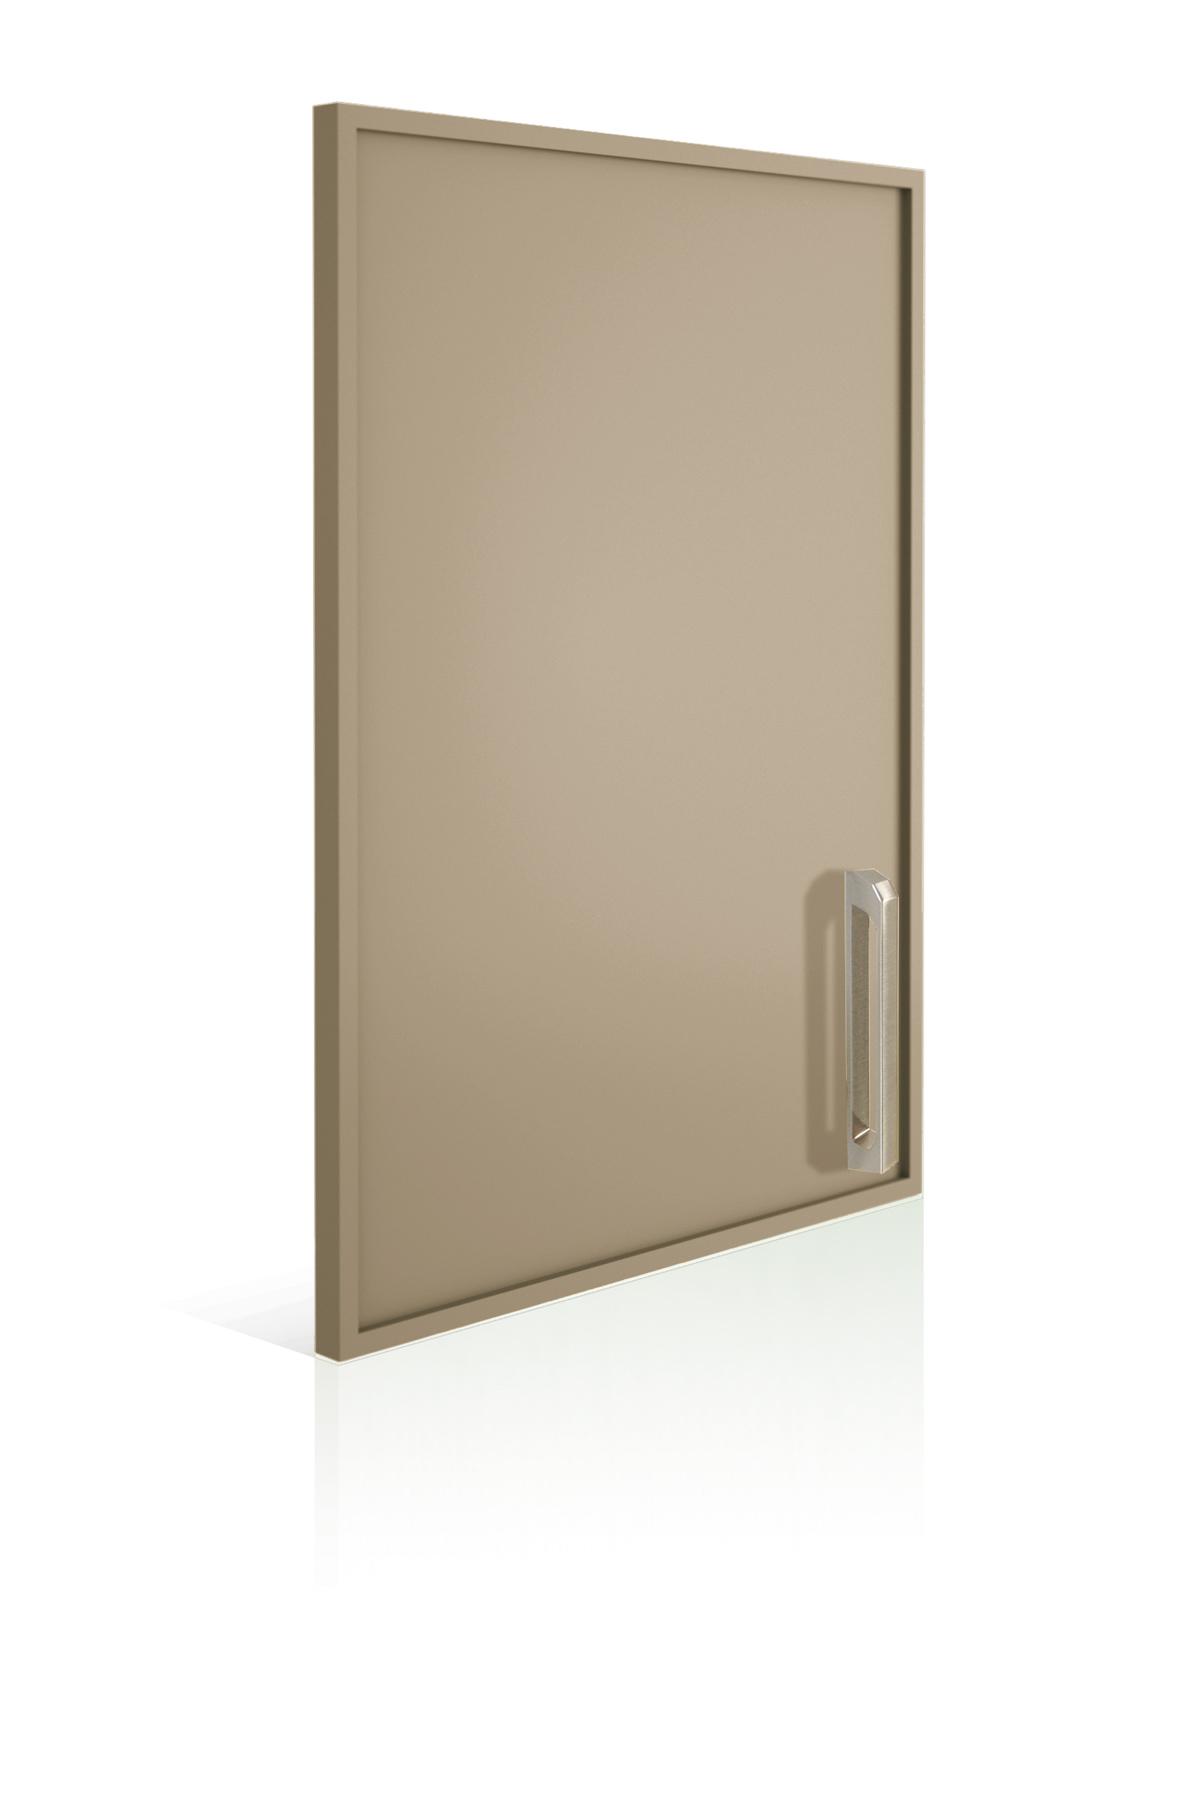 DOOR INNOVATION